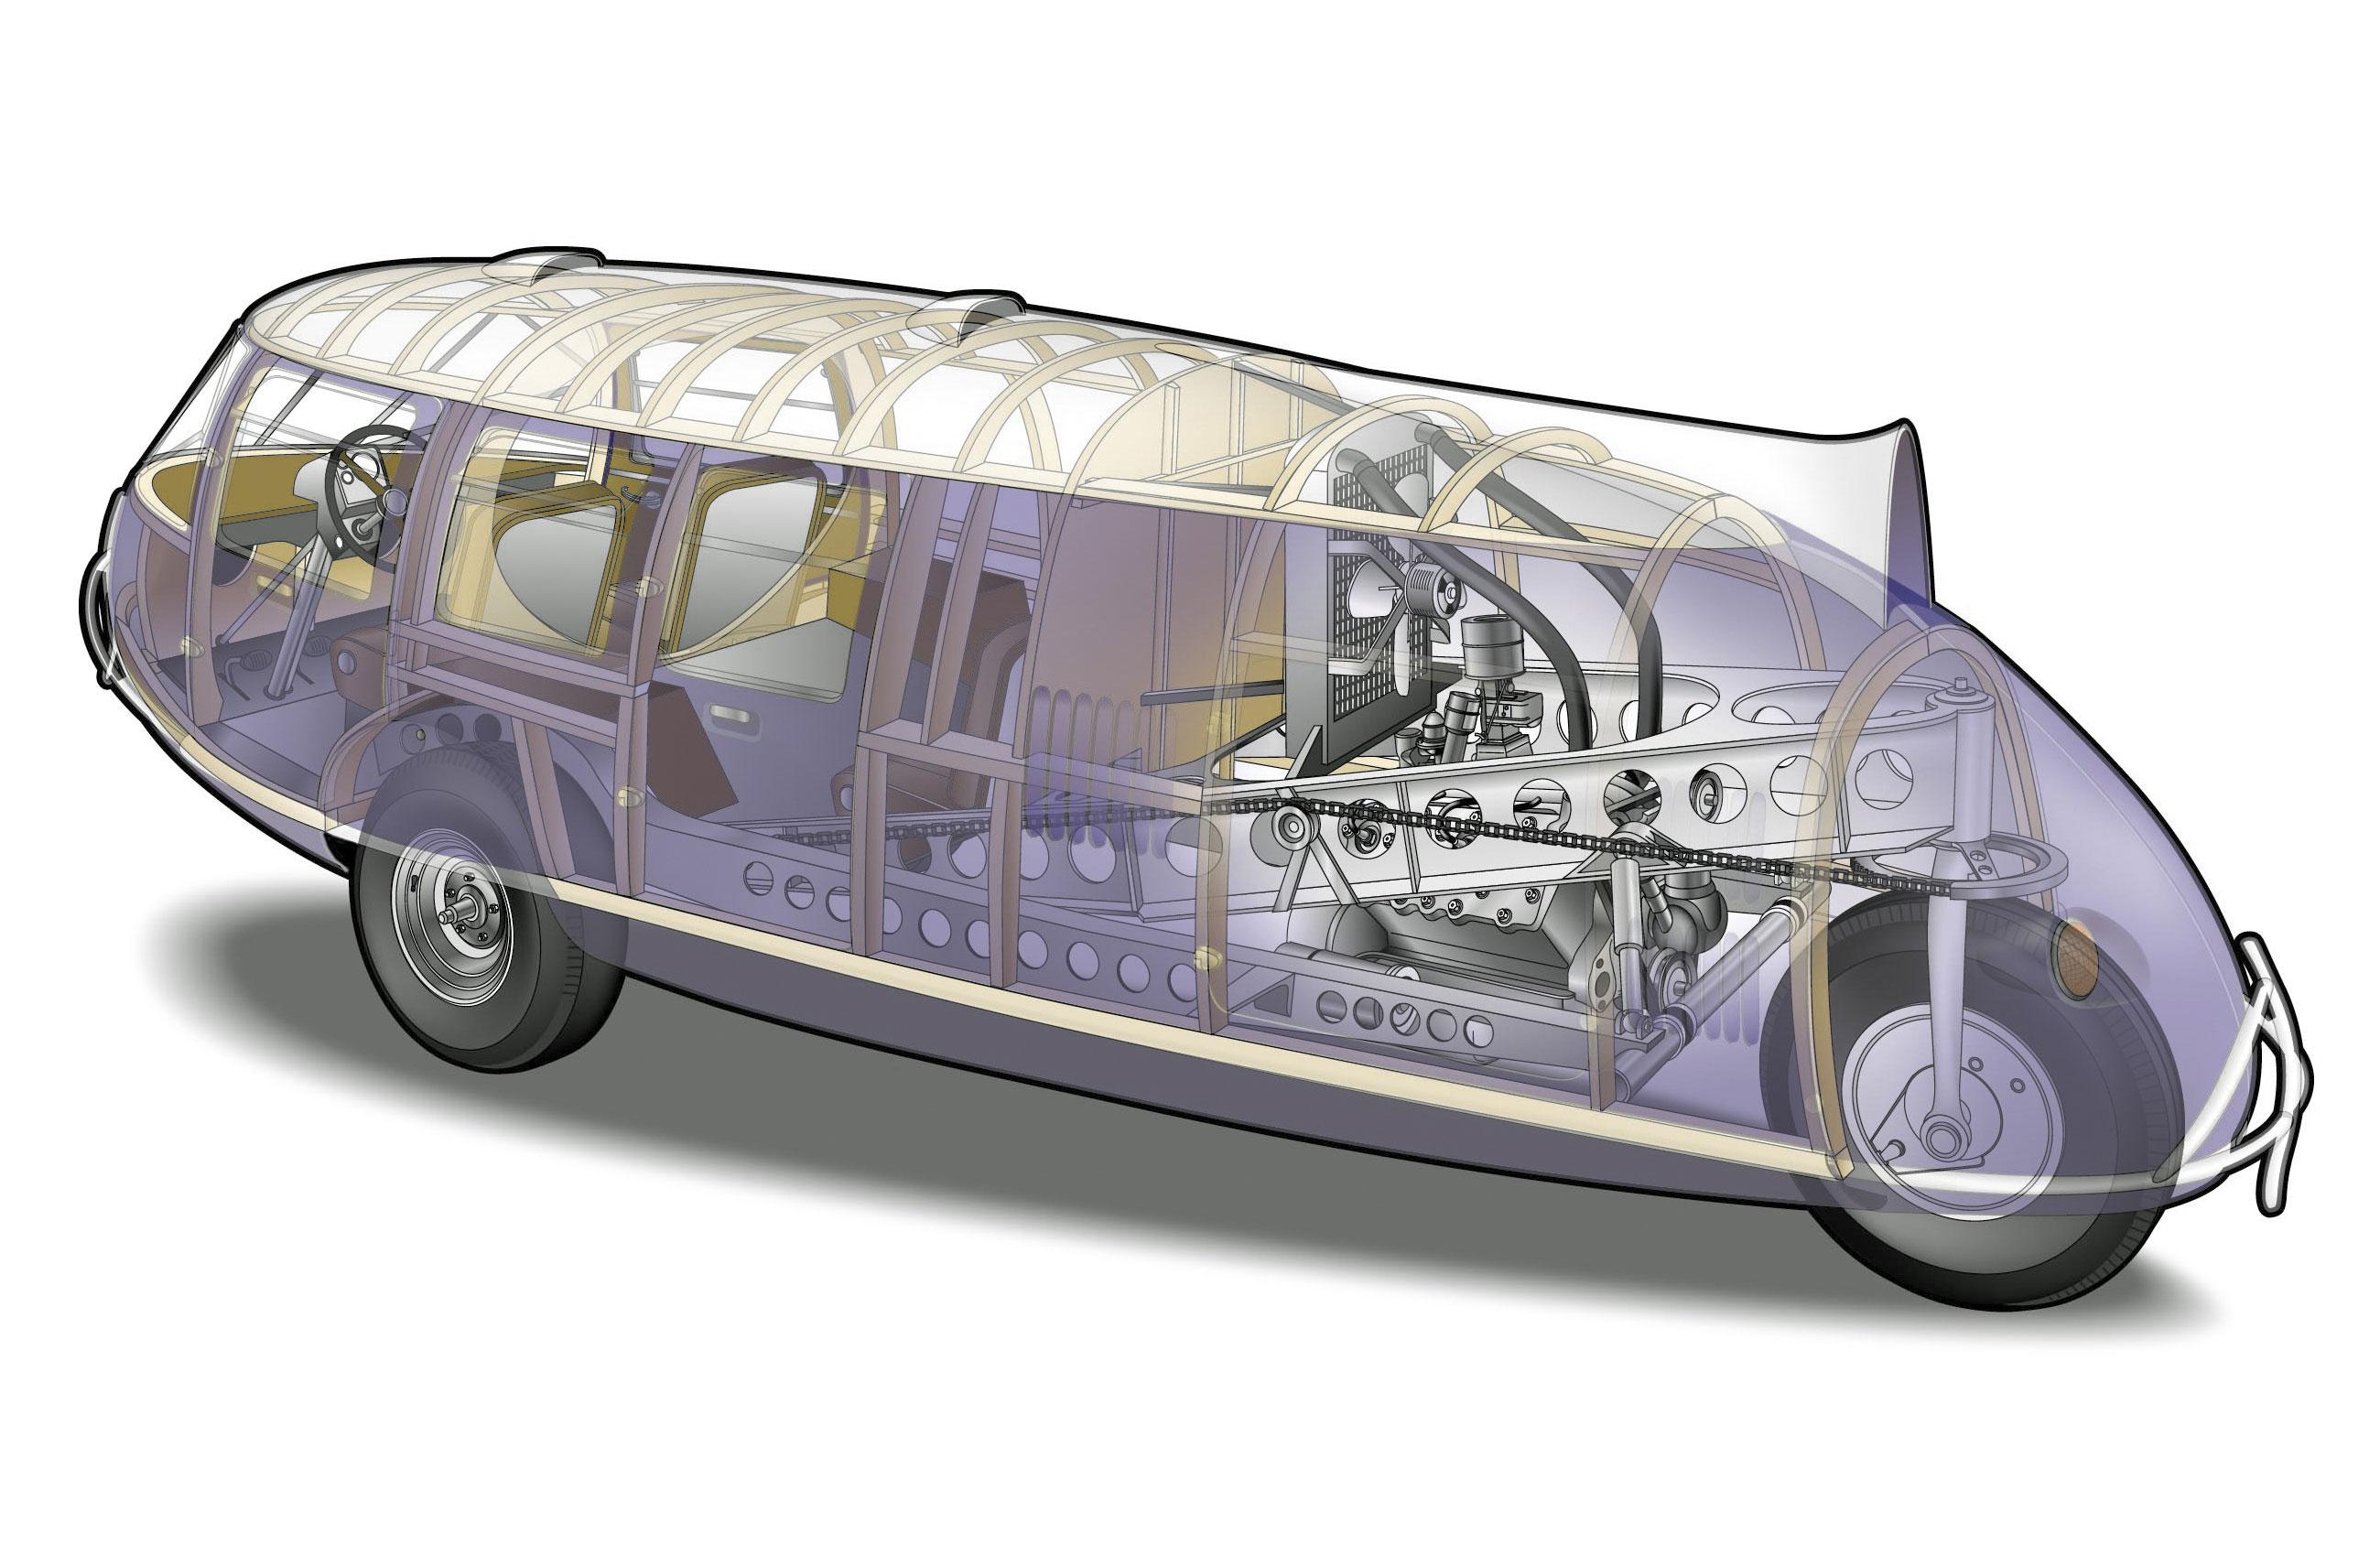 Dymaxion car cutaway drawing